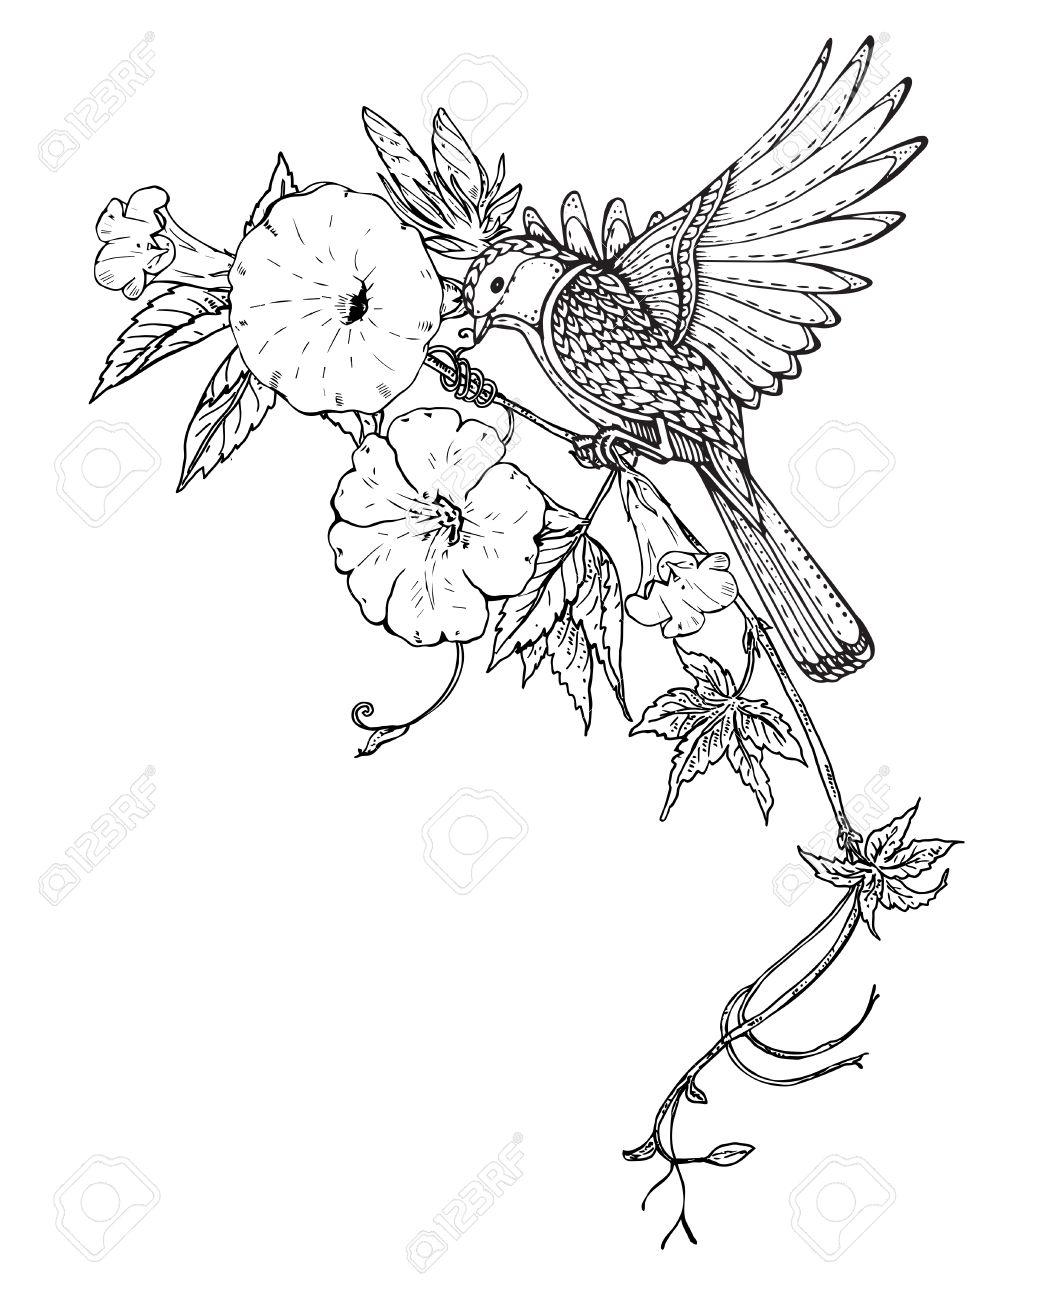 Vector Illustration De La Main Dessiné Oiseaux Graphique Sur Liseron Fleur Branche Image En Noir Et Blanc Pour Pour Livre De Coloriage Tatouage